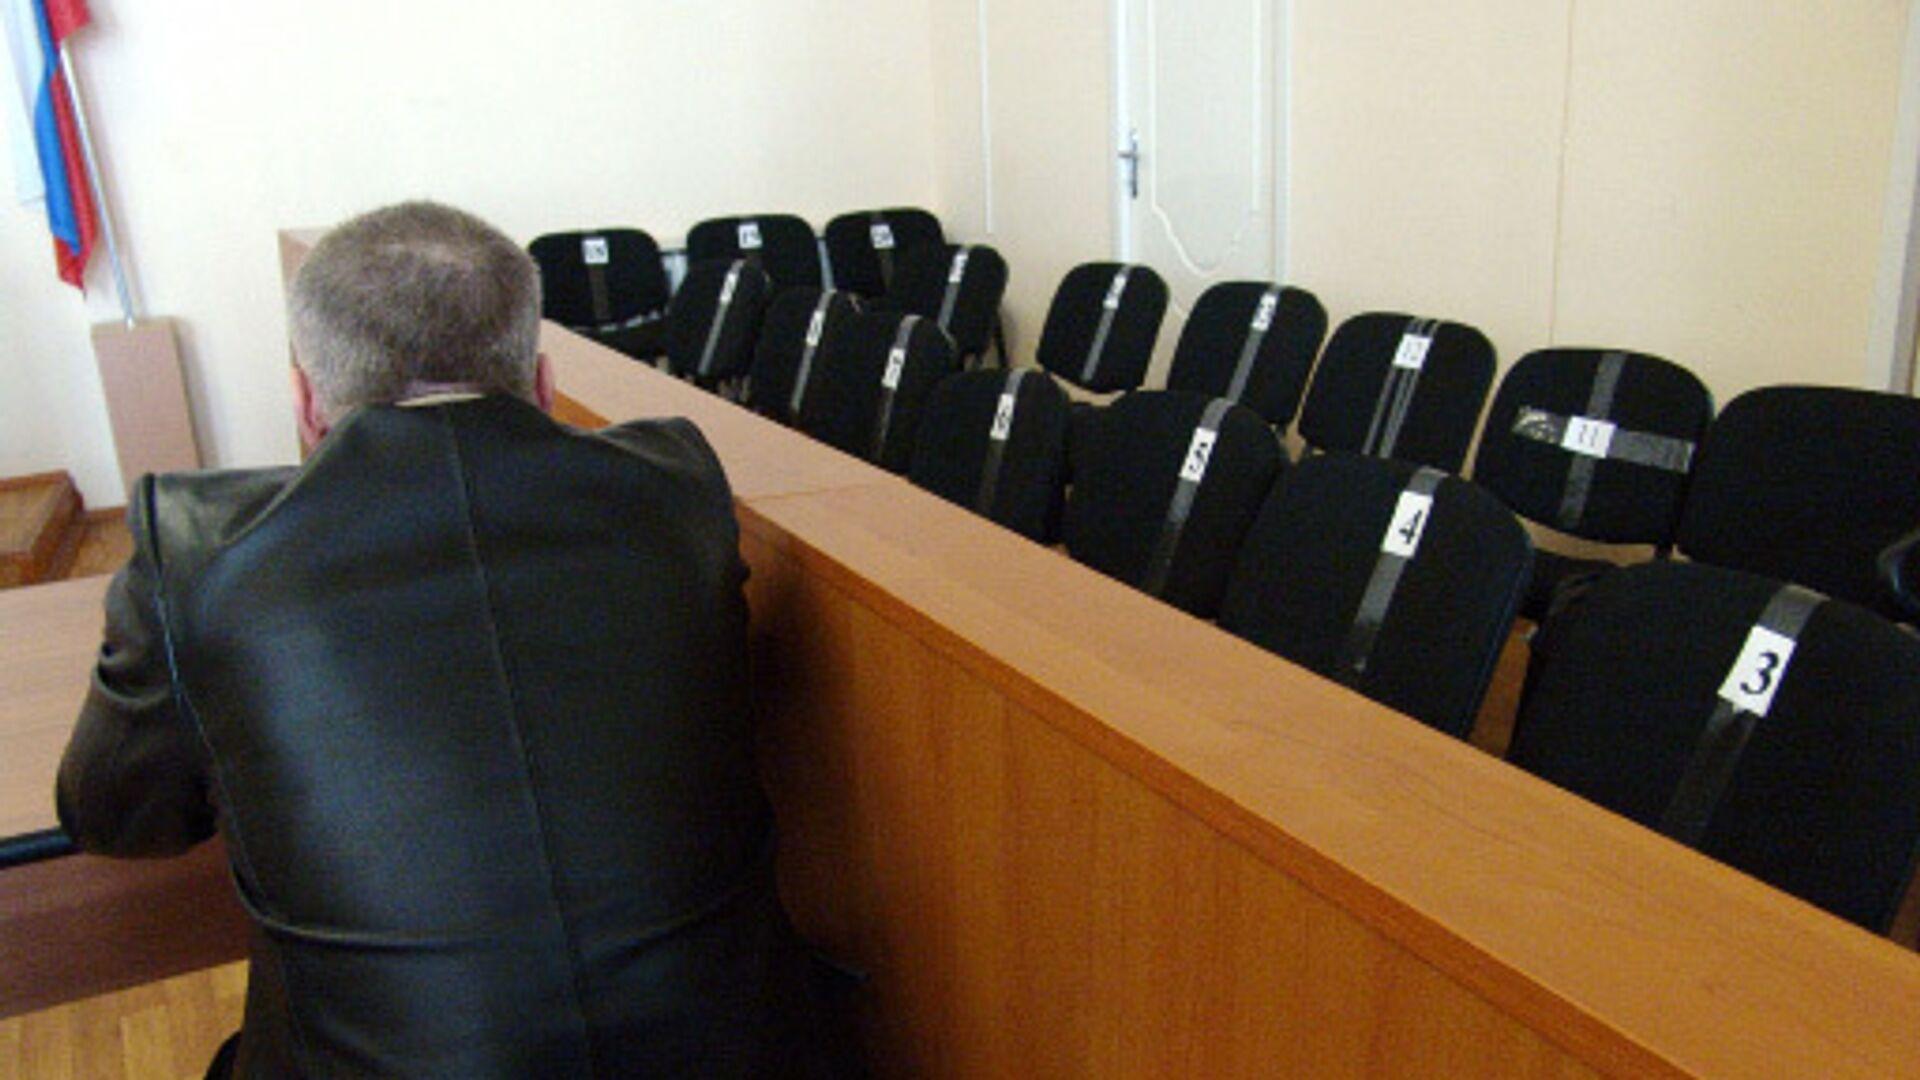 Места для присяжных заседателей - РИА Новости, 1920, 13.05.2021